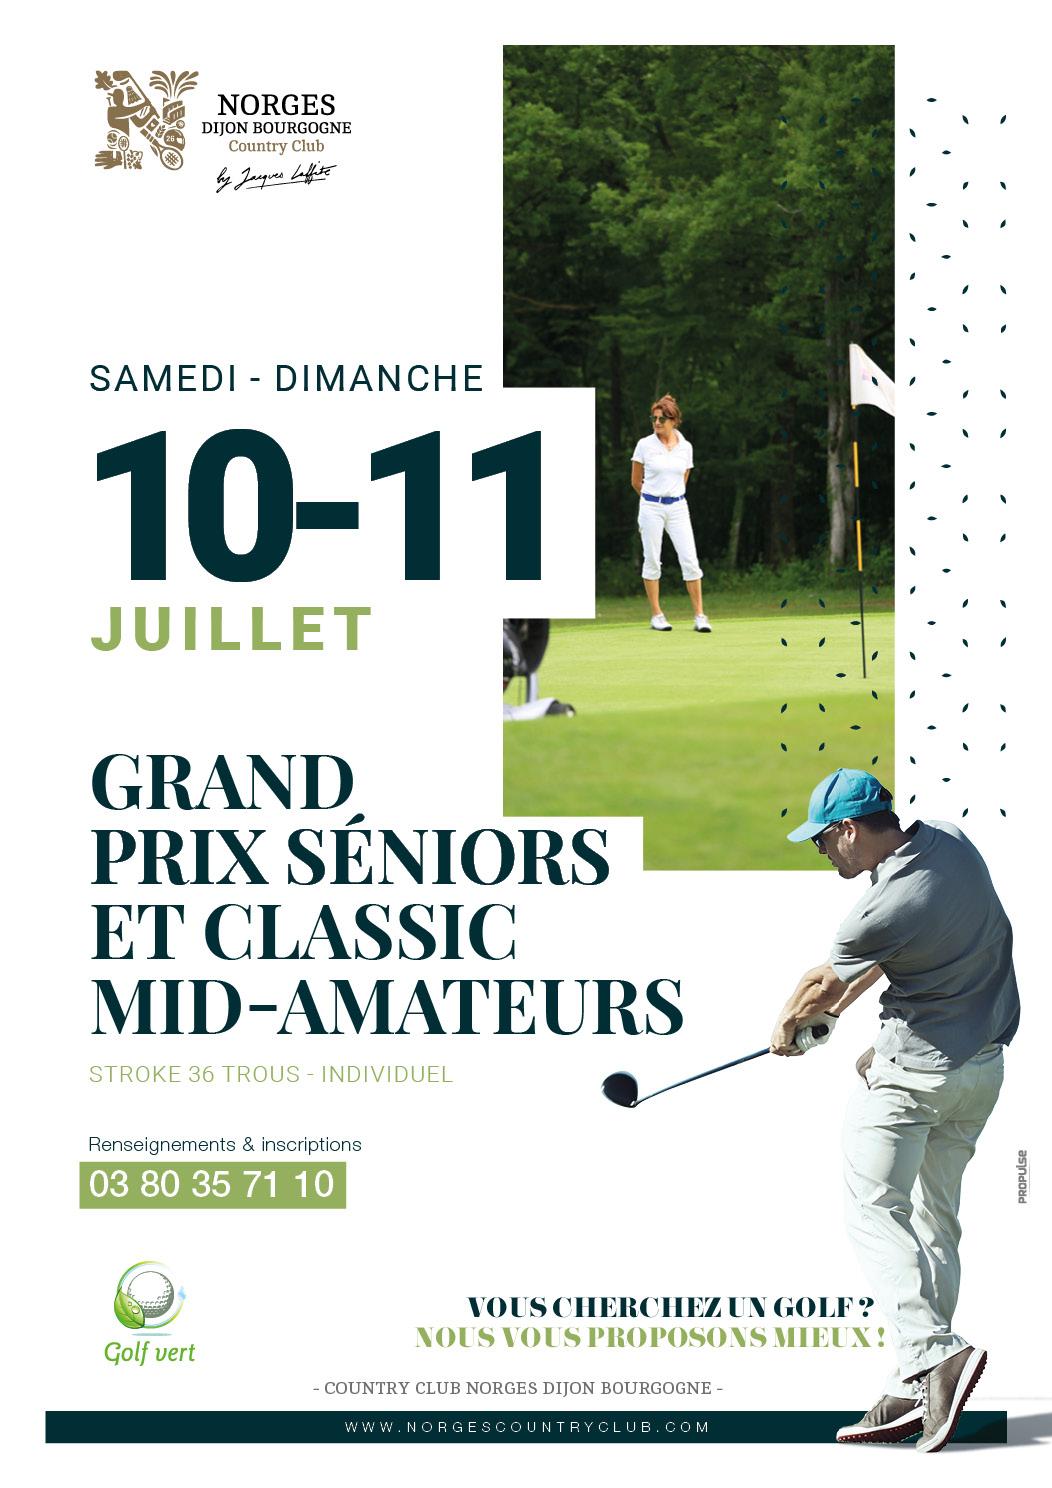 Grand Prix Séniors et Classic Mid-amateurs